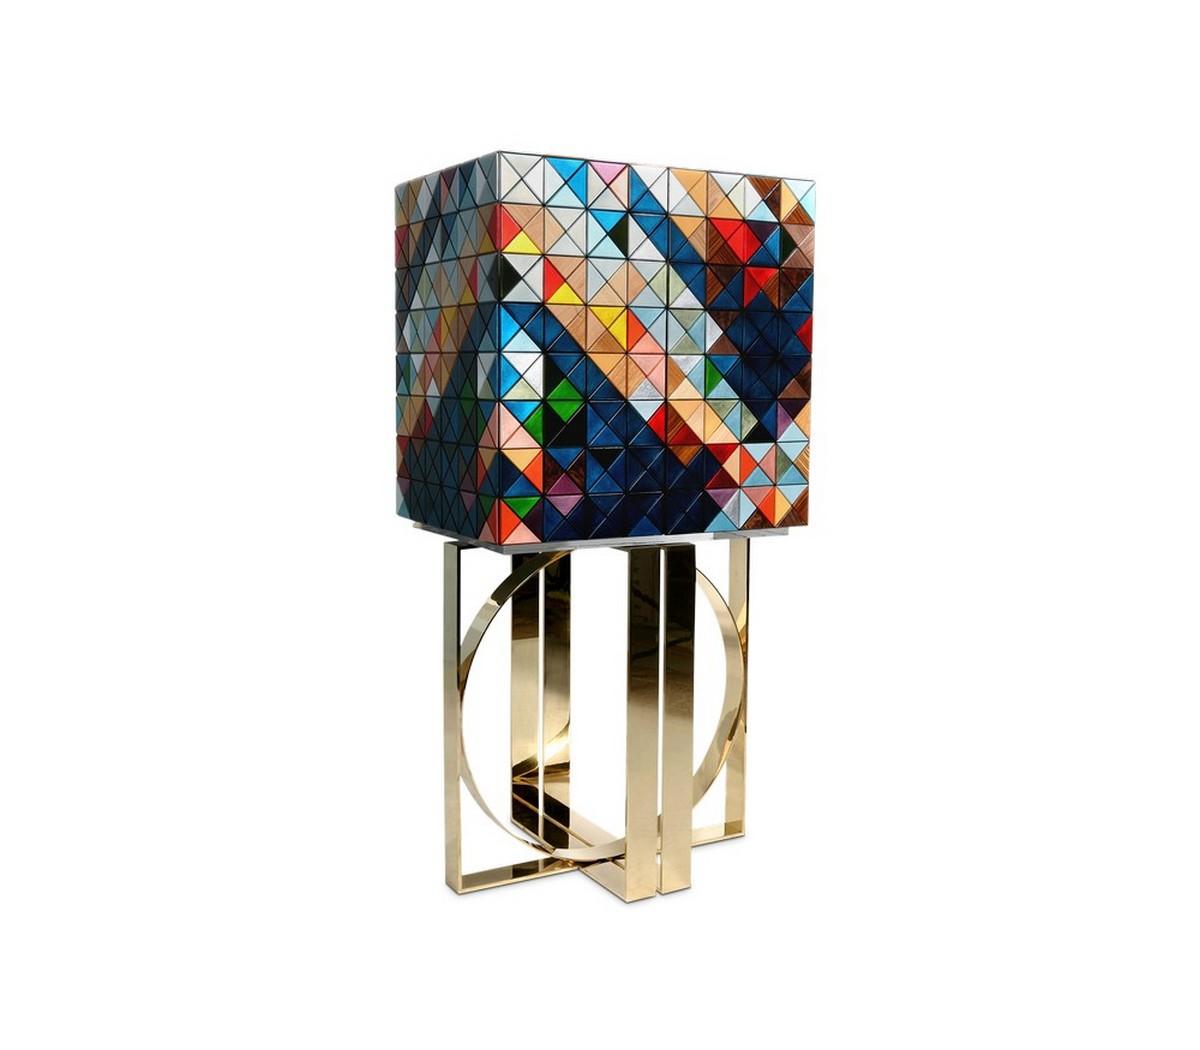 Diseño de Comedor: Una seleción de muebles lujuosos y coloridos diseño de comedor Diseño de Comedor: Una seleción de muebles lujuosos y coloridos pixel cabinet 01 zoom boca do lobo